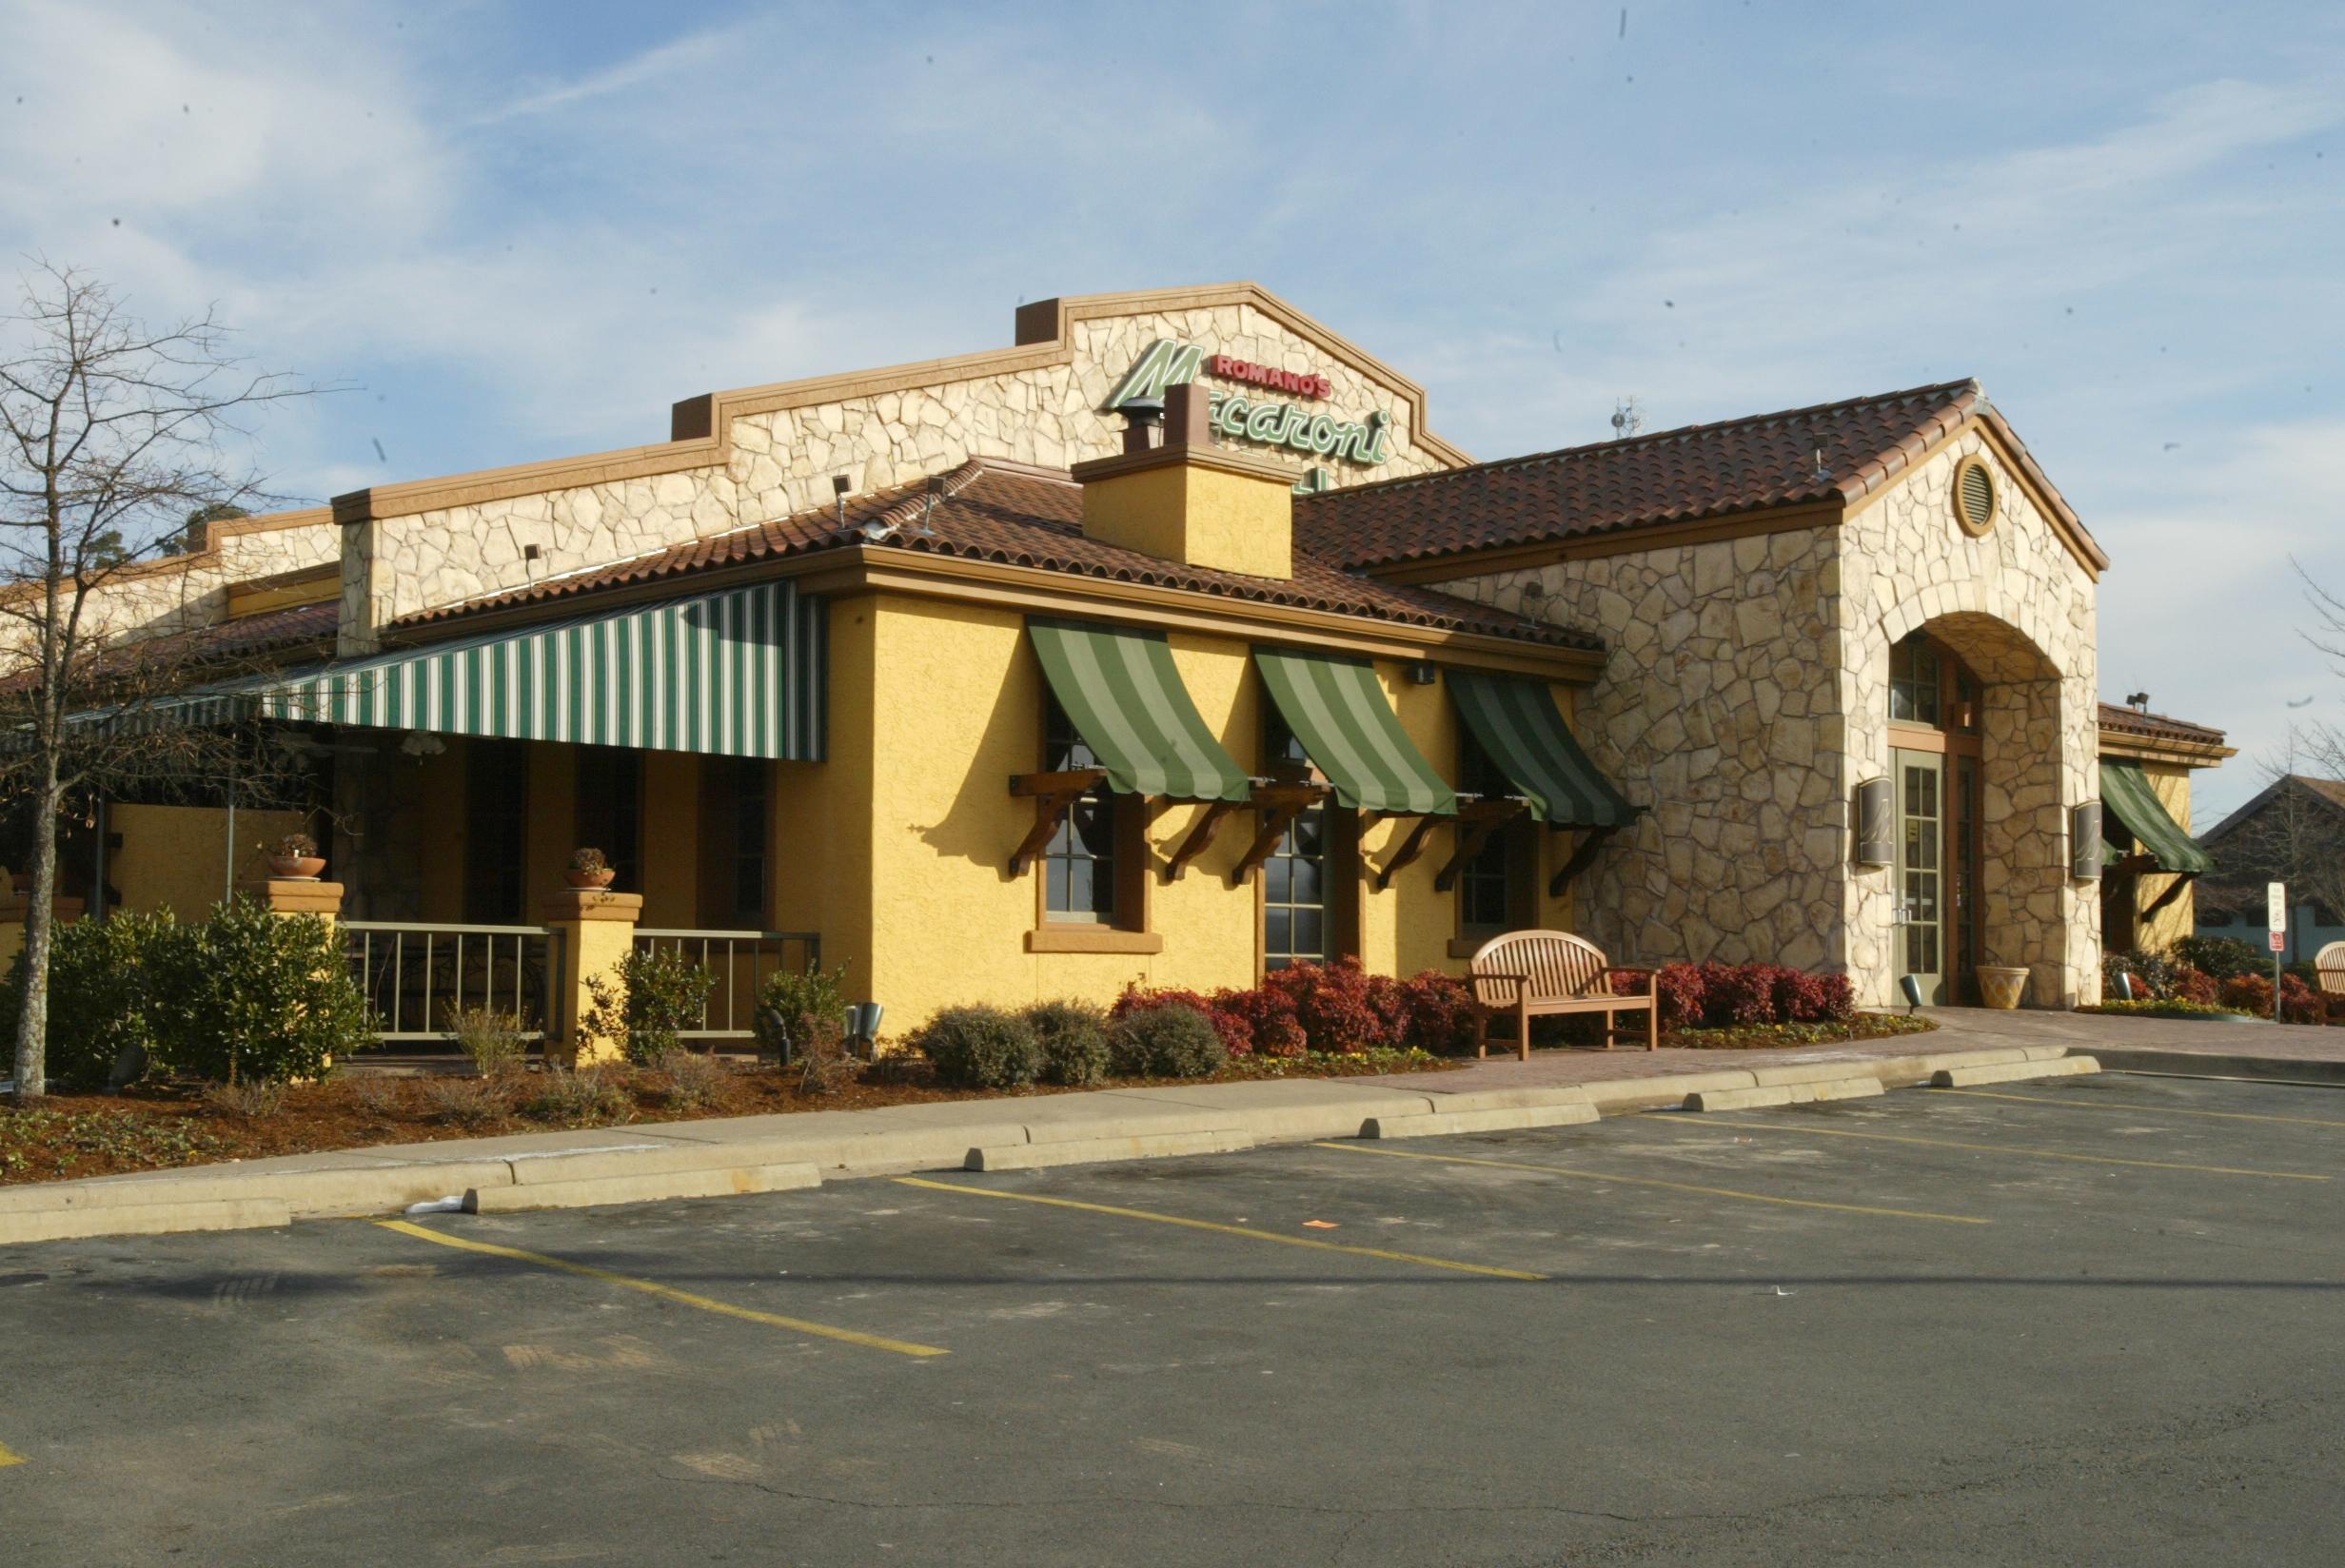 Italian restaurant chain shutters west Little Rock eatery open since ...